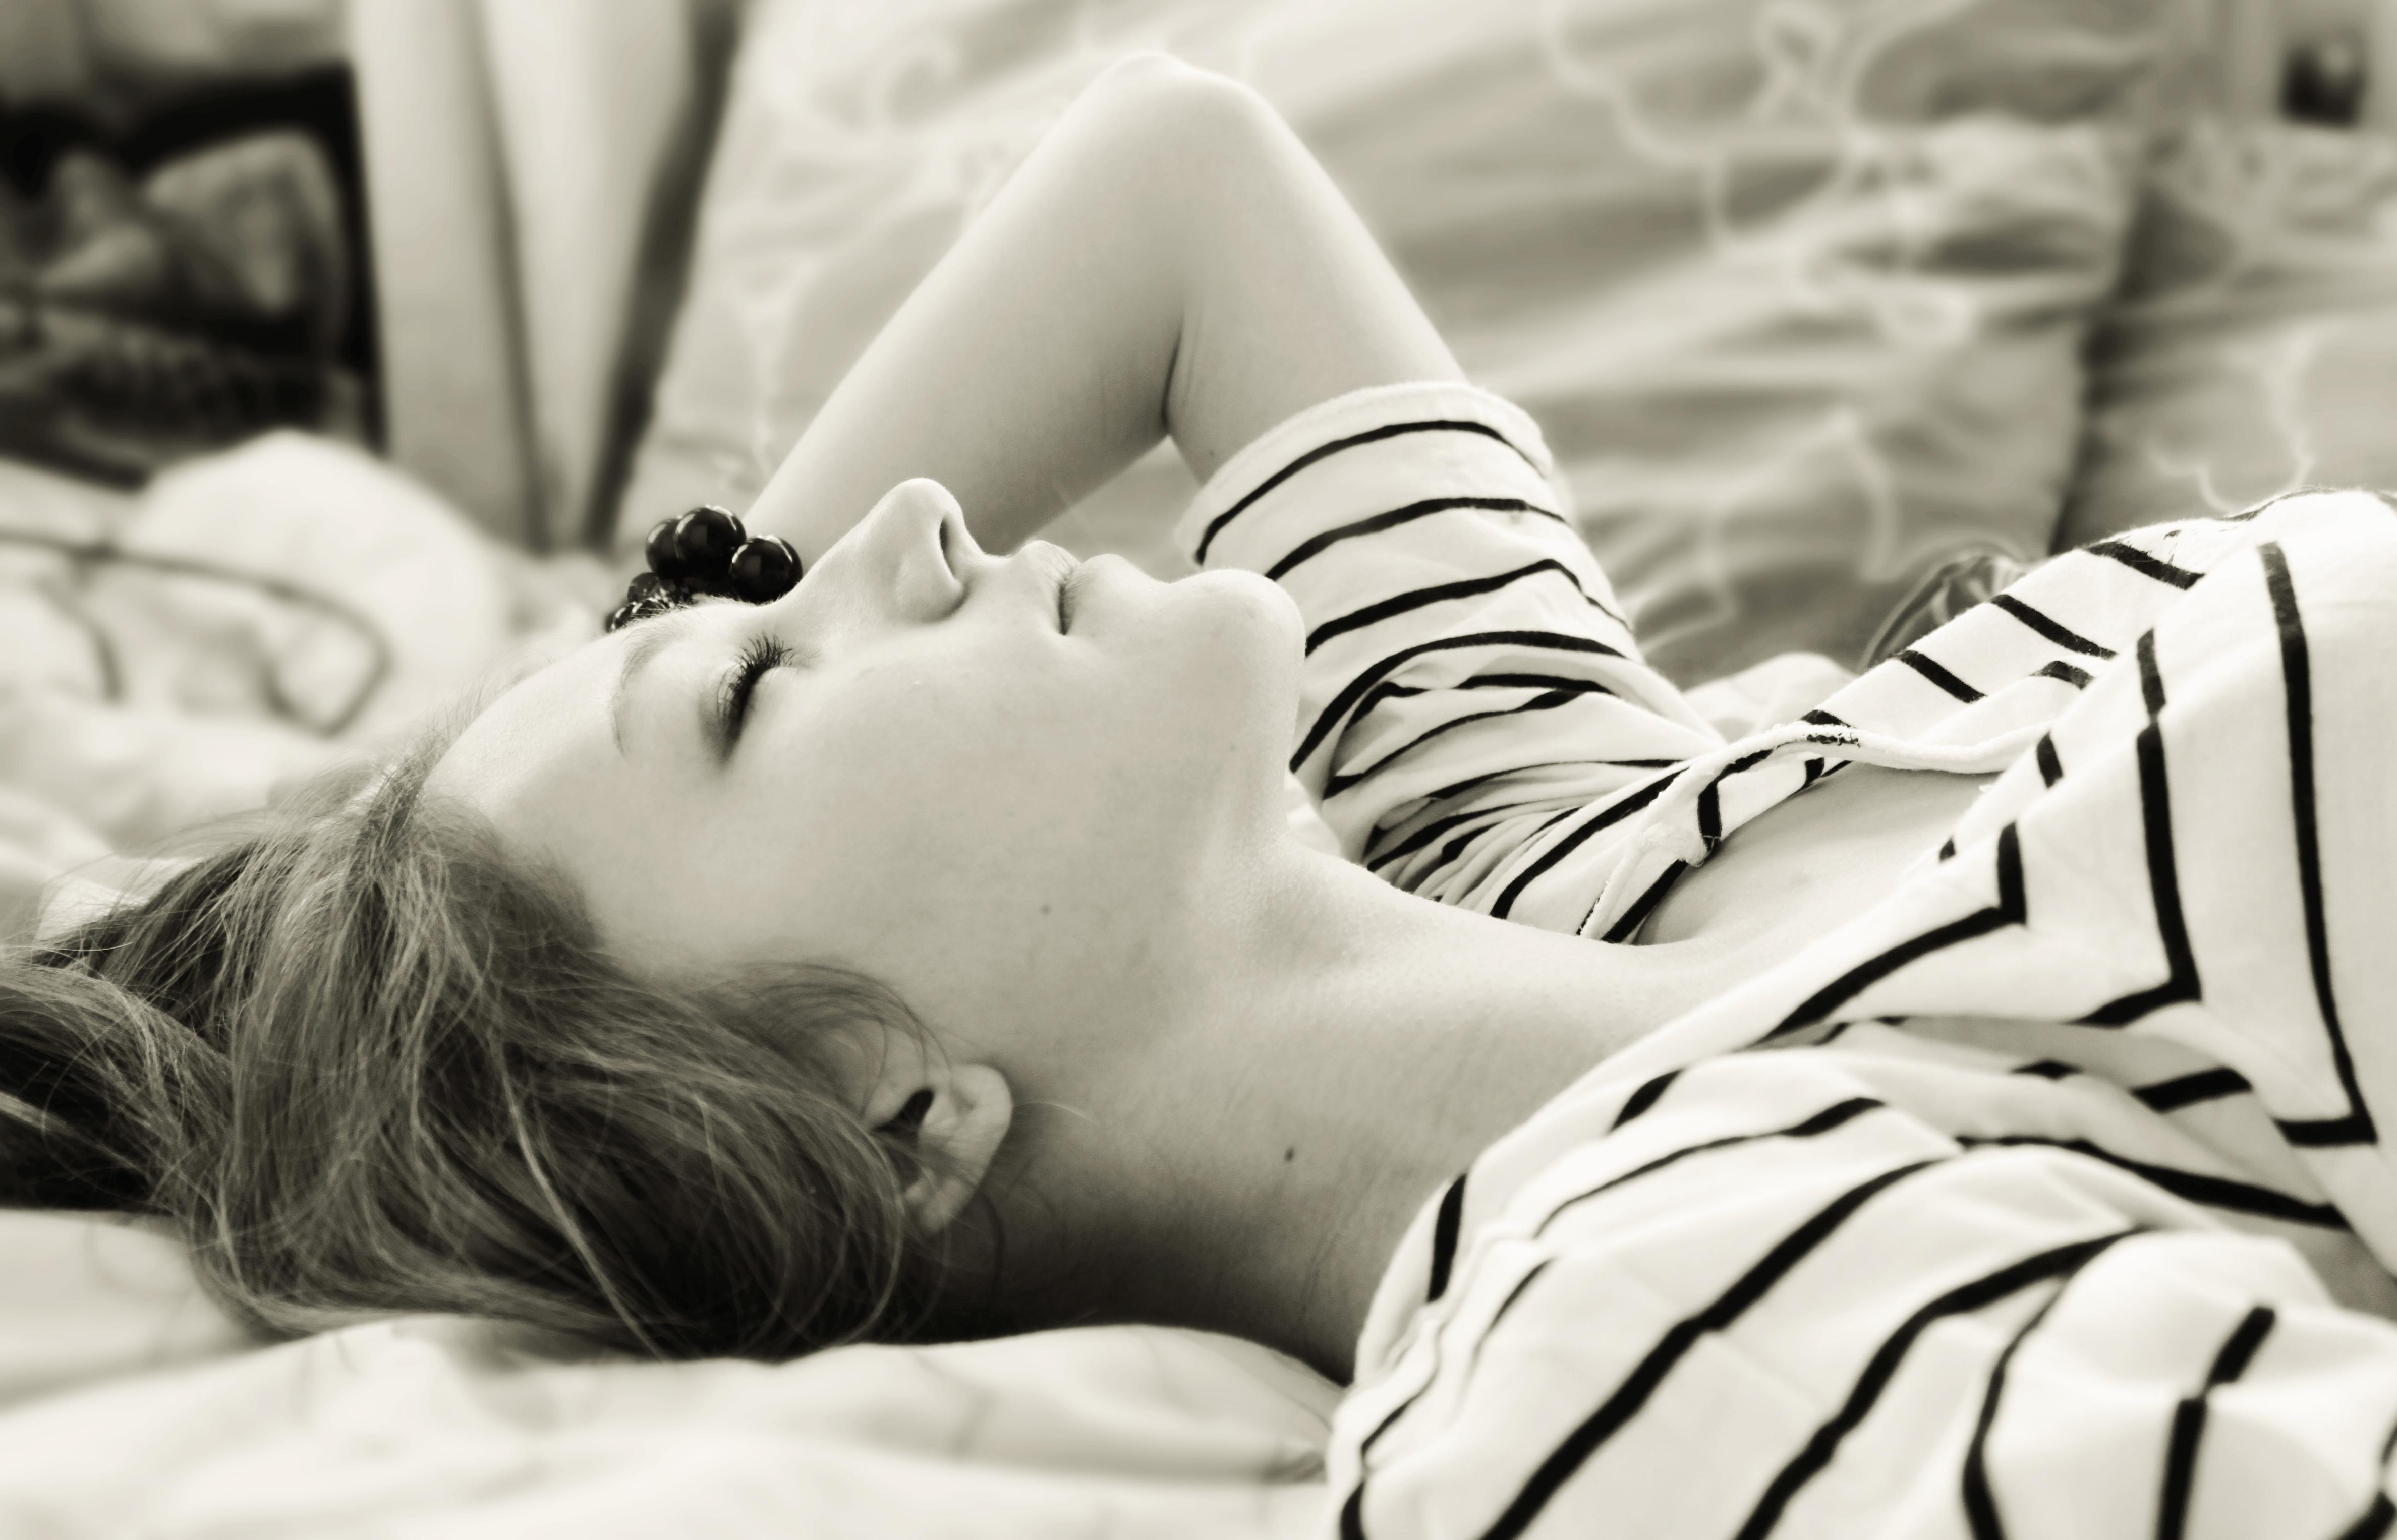 Эро фото спящих девочек 18 фотография